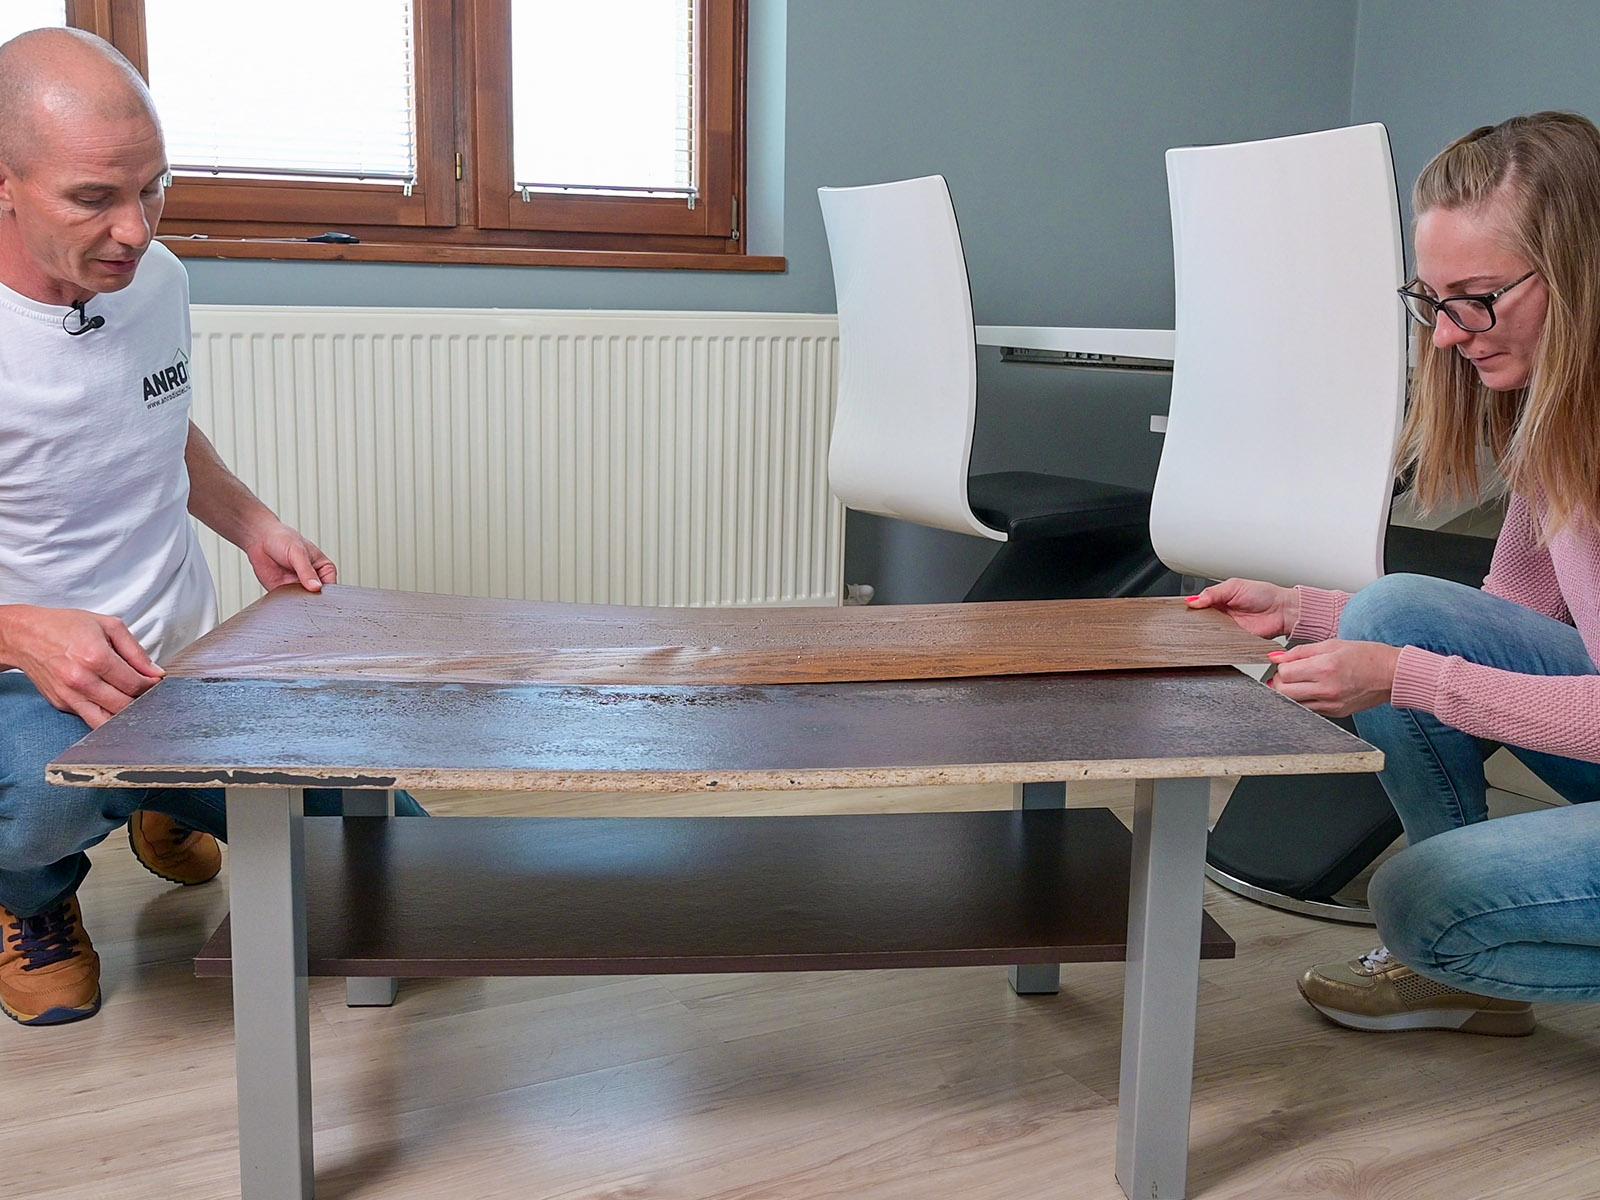 A sötét tölgy fólia már felkerült az asztal fél oldalára.